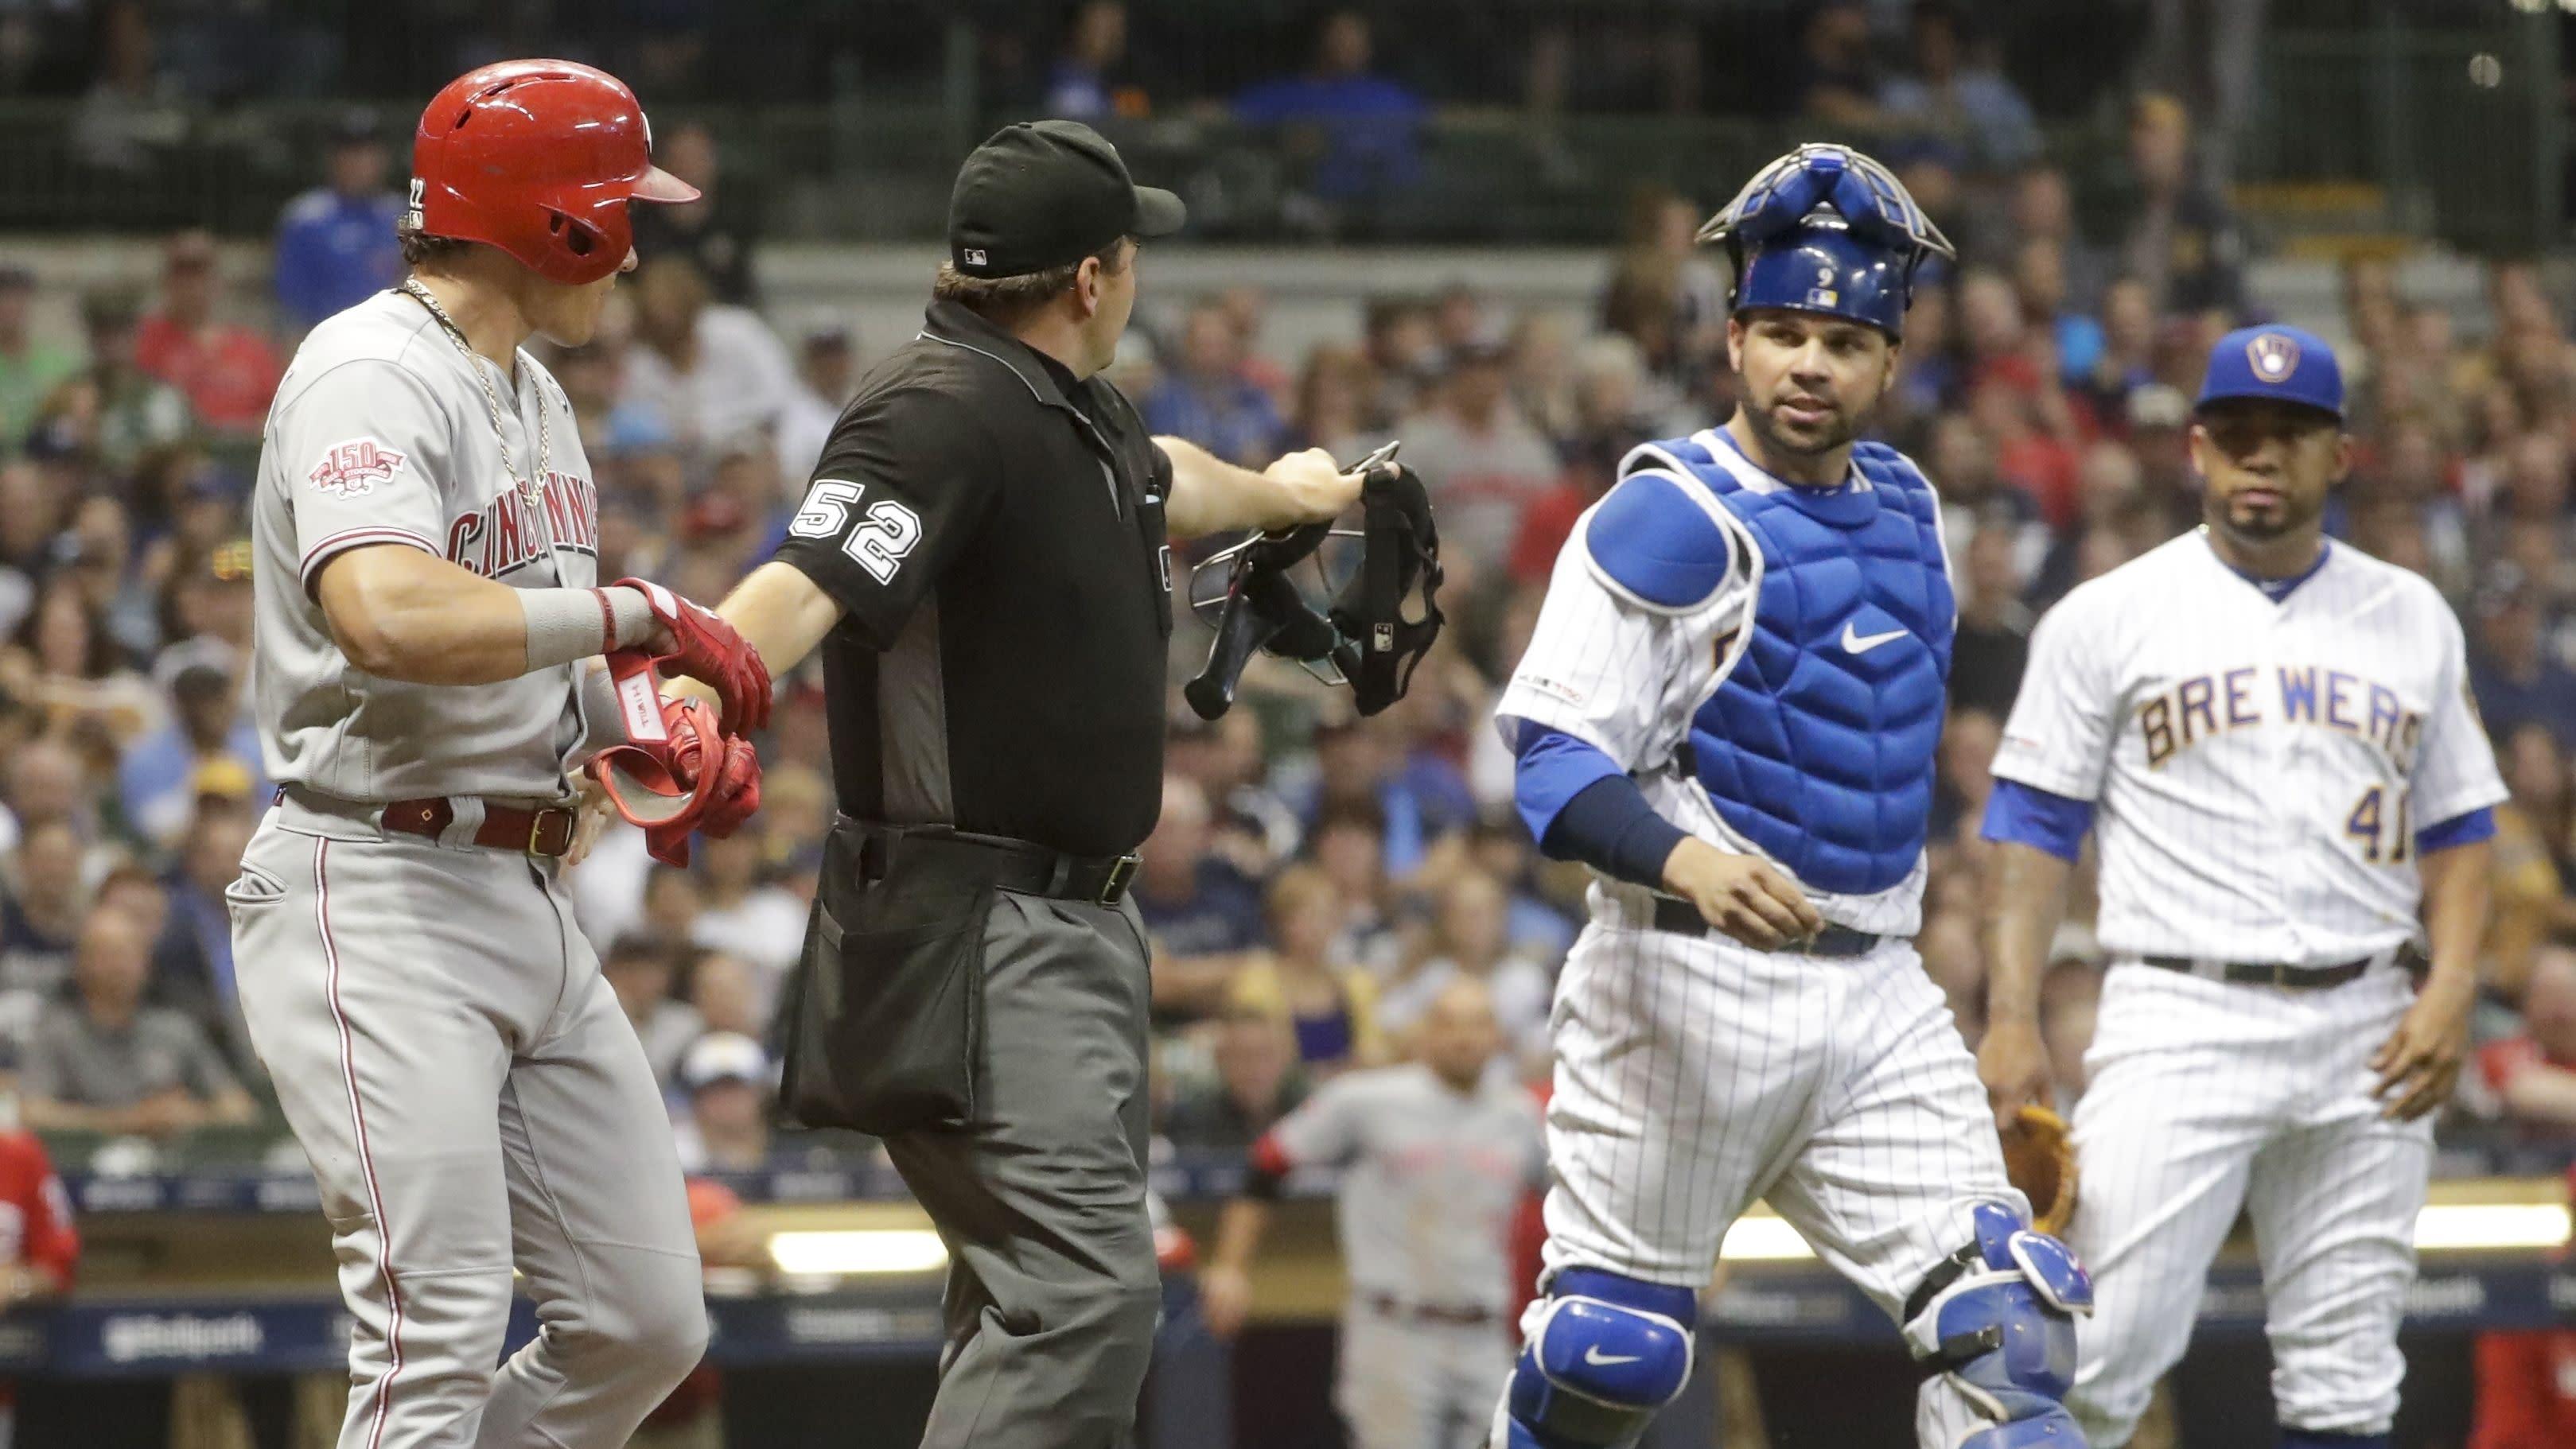 News Scores Standings Rumors Fantasy Games: MLB Baseball News, Scores, Standings, Rumors, Fantasy Games